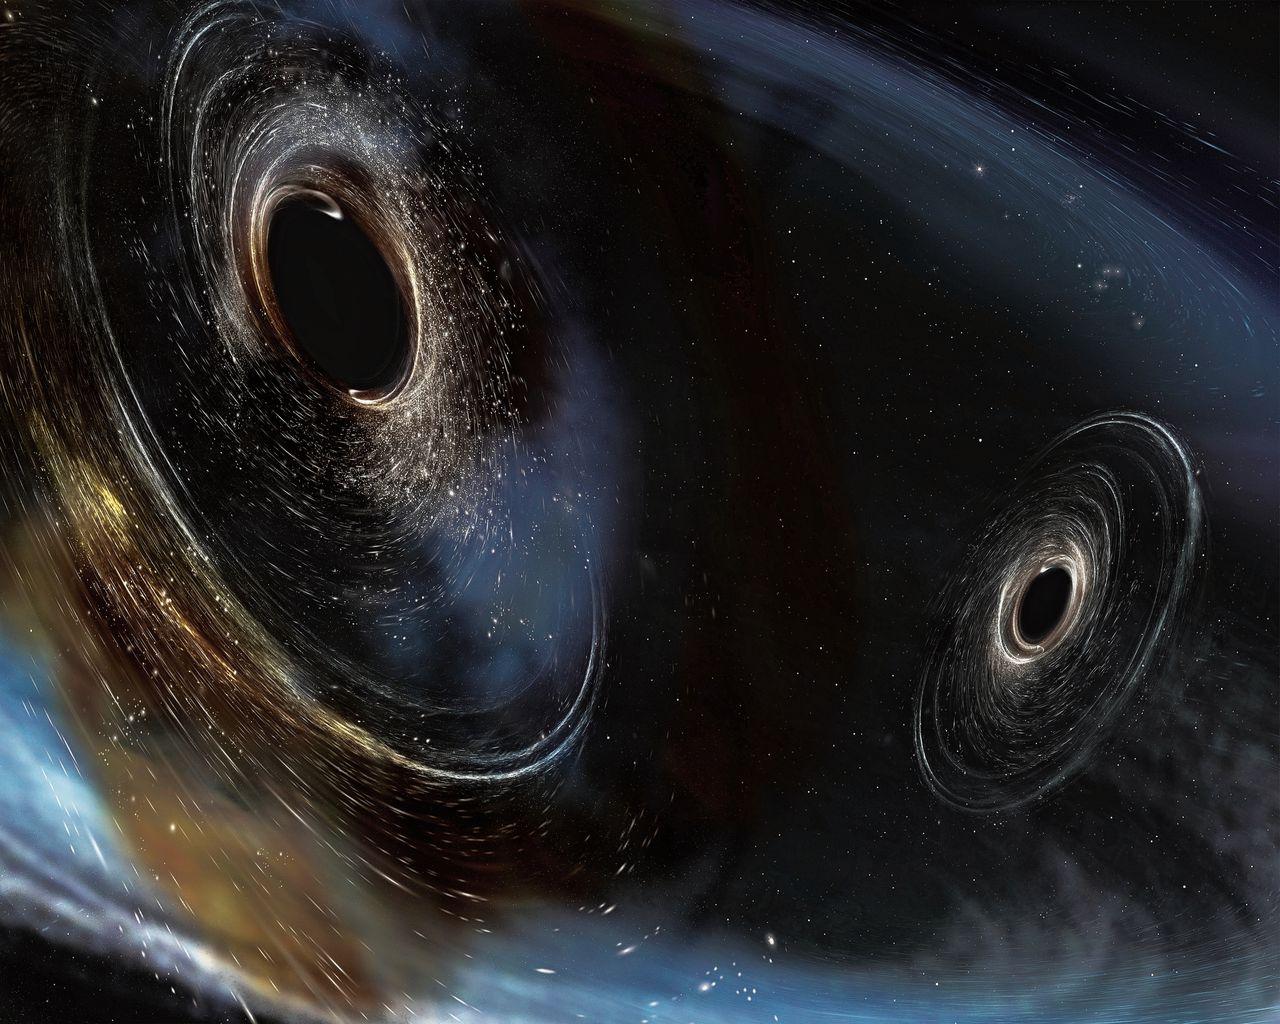 Twee botsende zwarte gaten smelten samen, waarbij ze een karakteristiek patroon van zwaartekrachtgolven uitzend.